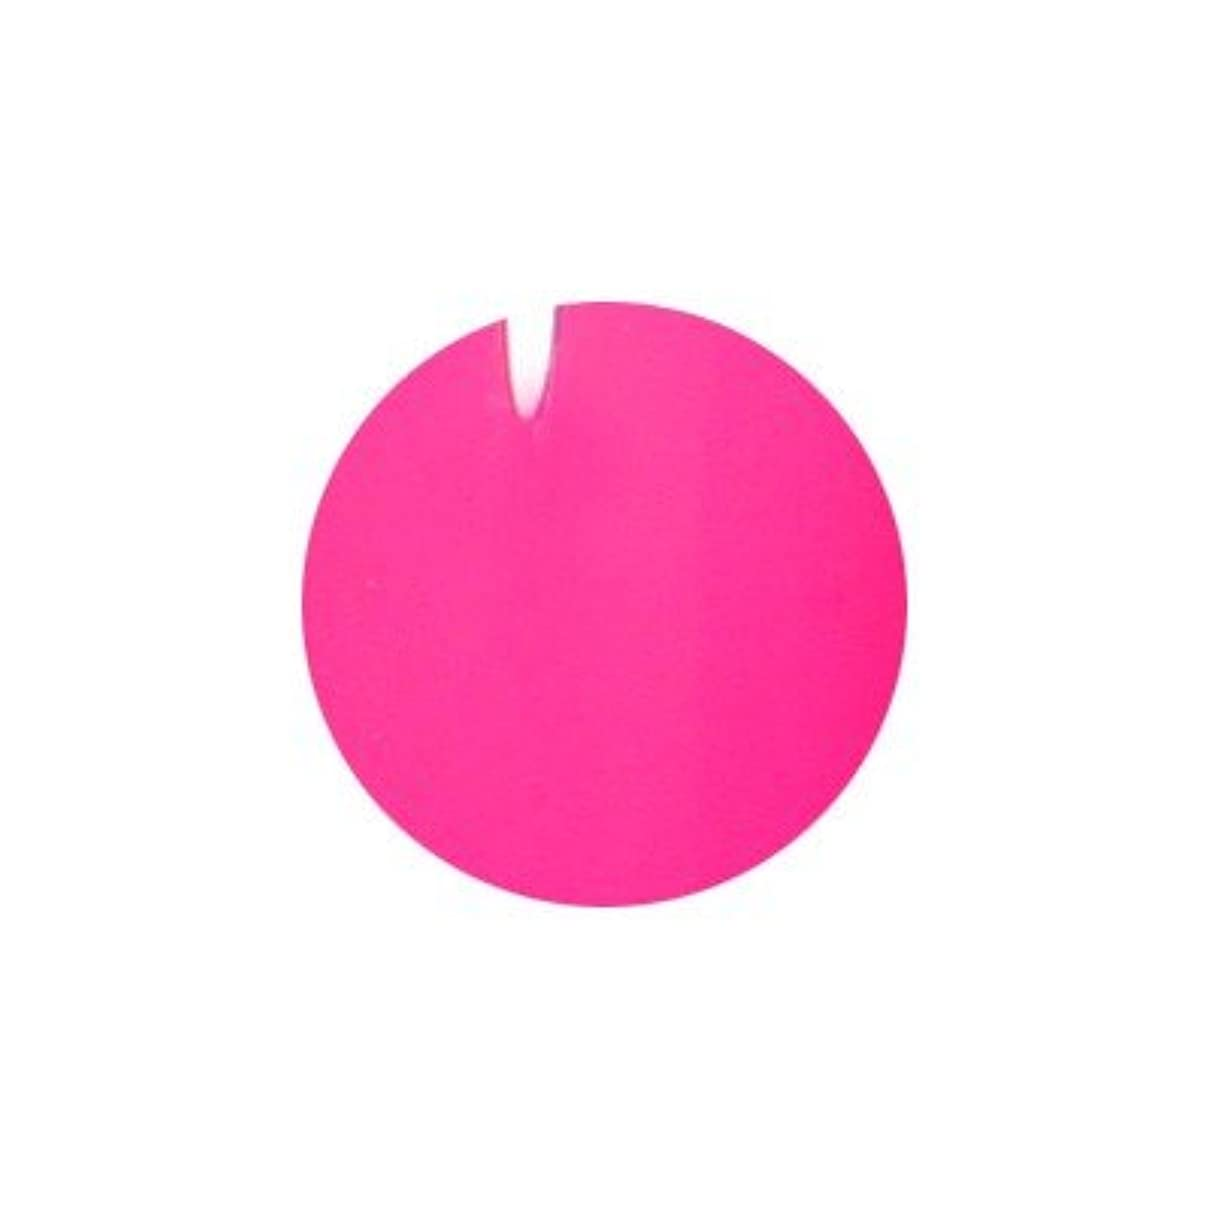 安全性かご雰囲気アンジェル カラージェル AL6M マオーピンク